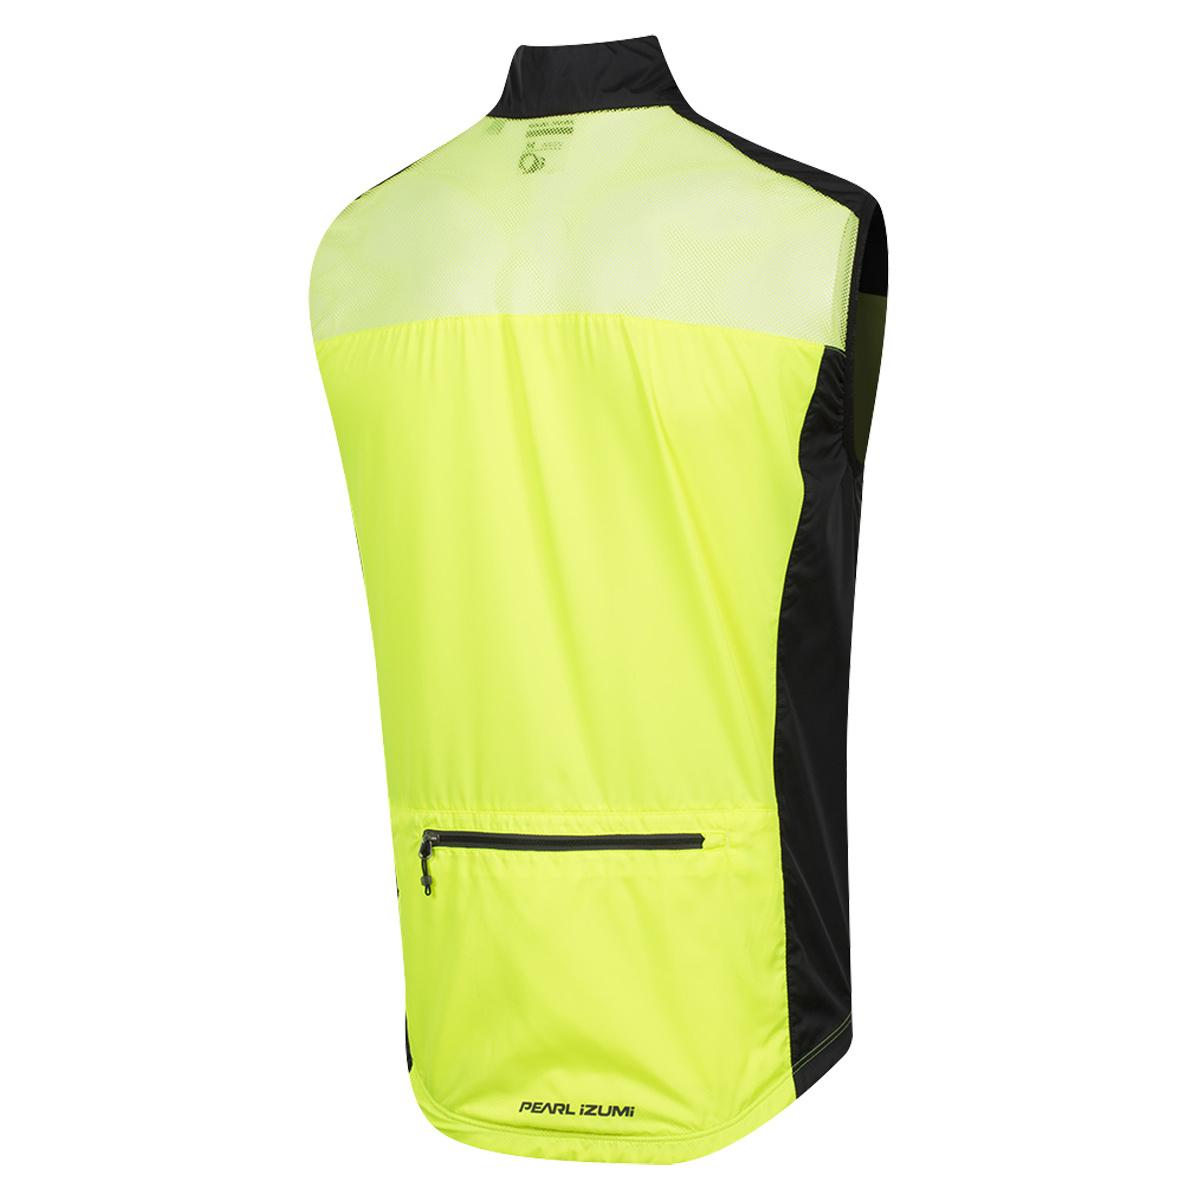 PEARL iZUMi Pearl Izumi Elite Escape Wind Vest Highlight Yellow